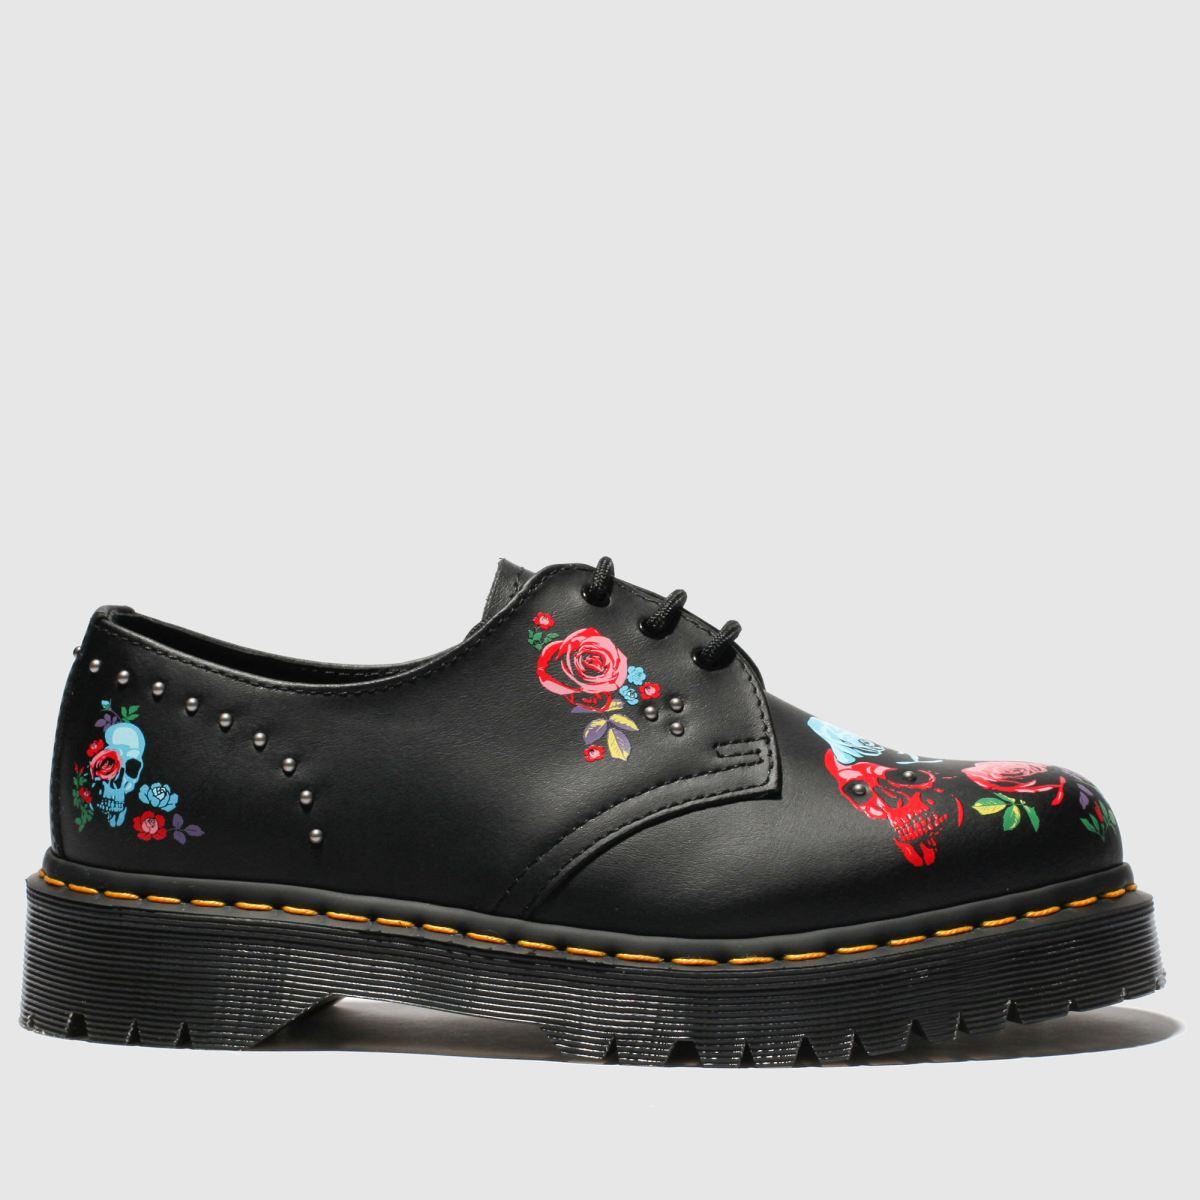 Dr Martens Black & Pink 1461 Bex Rose Boots